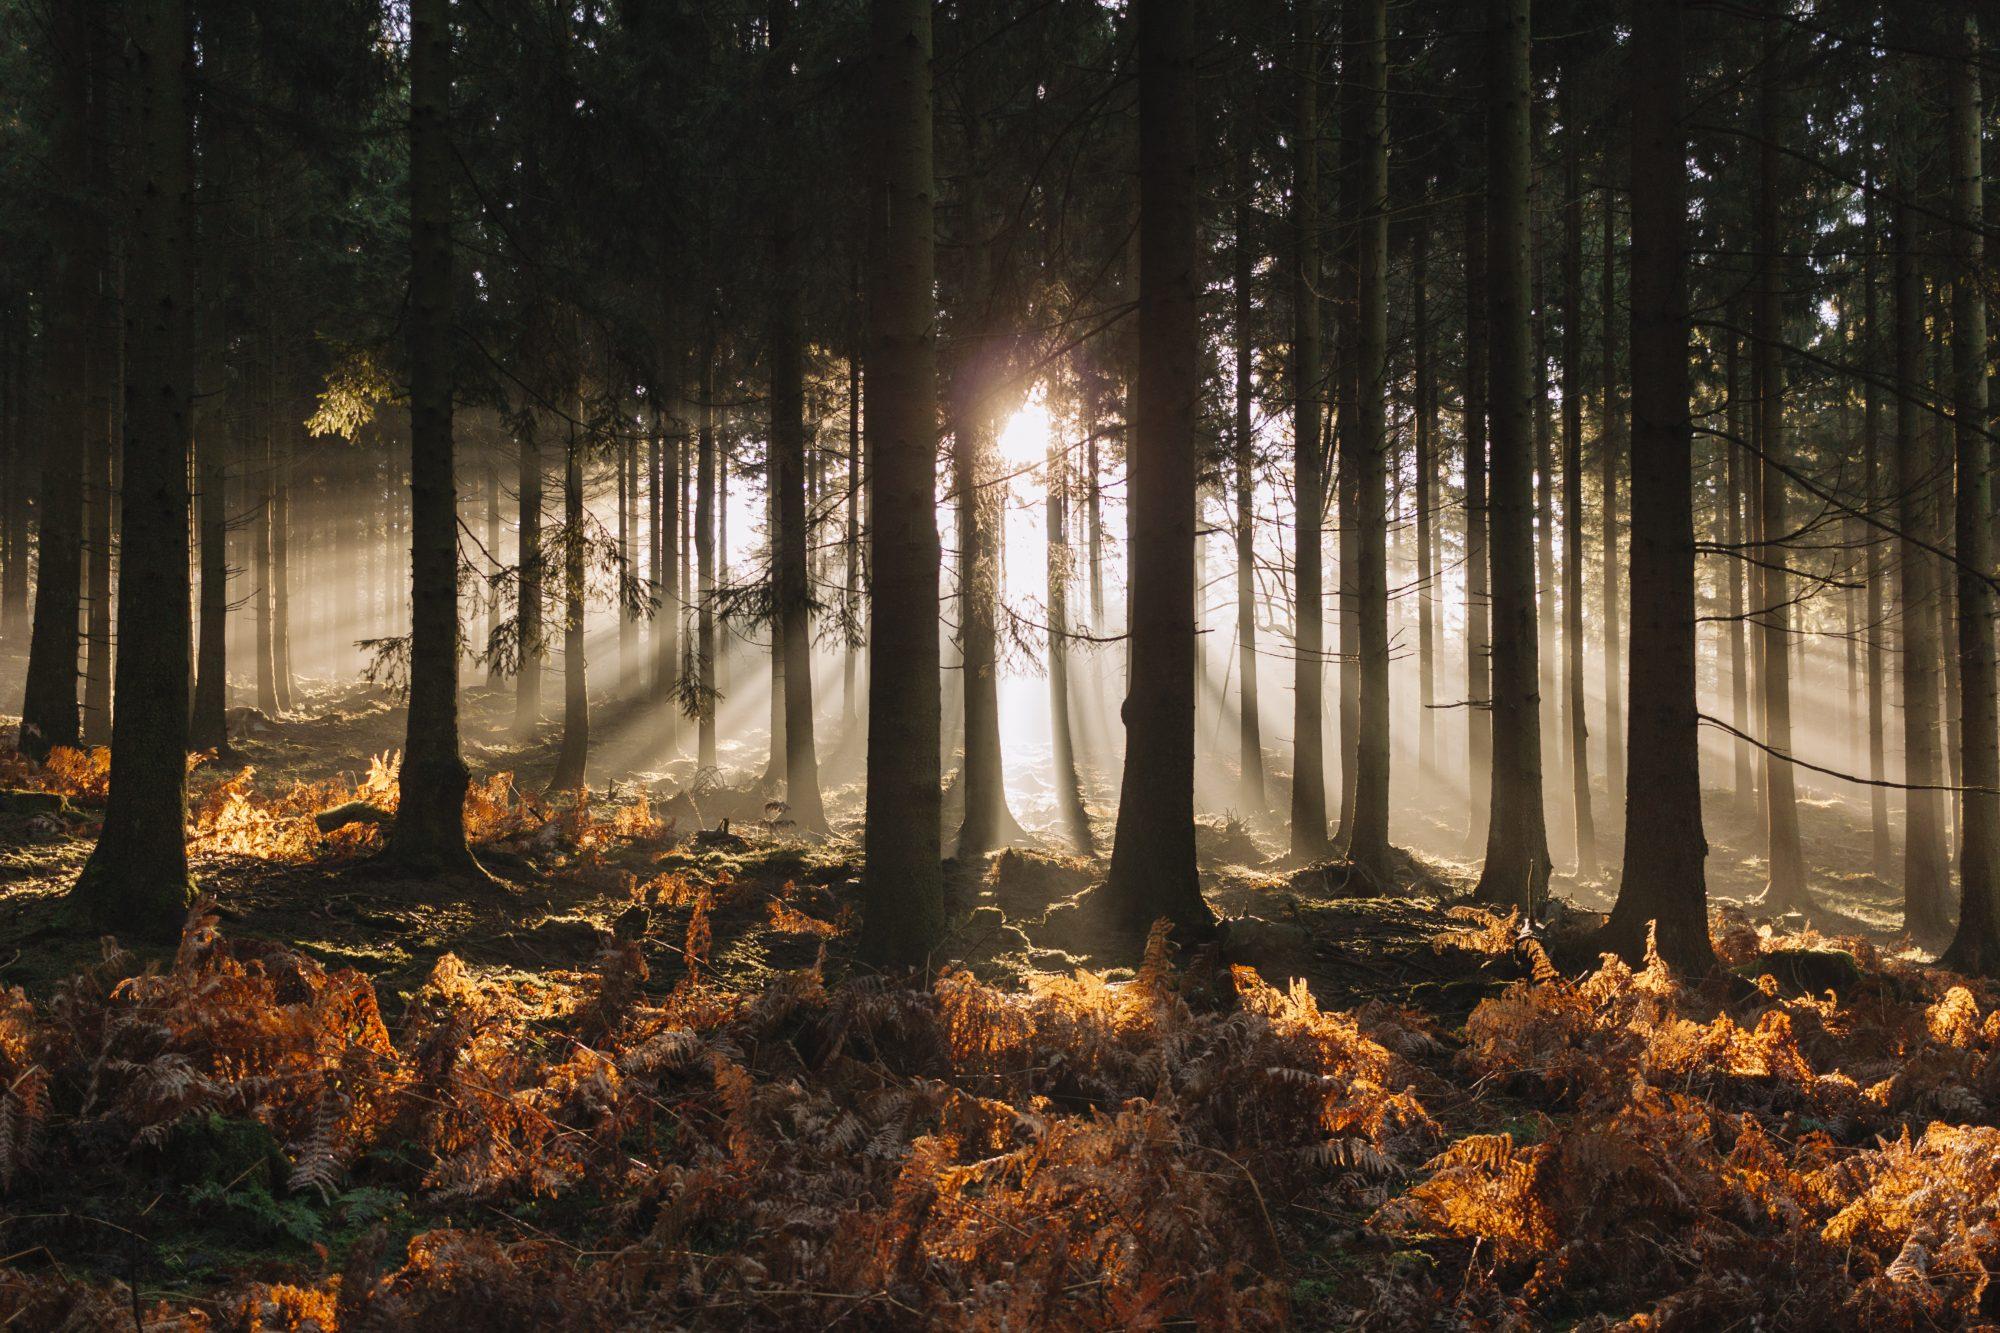 Sunny Foggy Morning